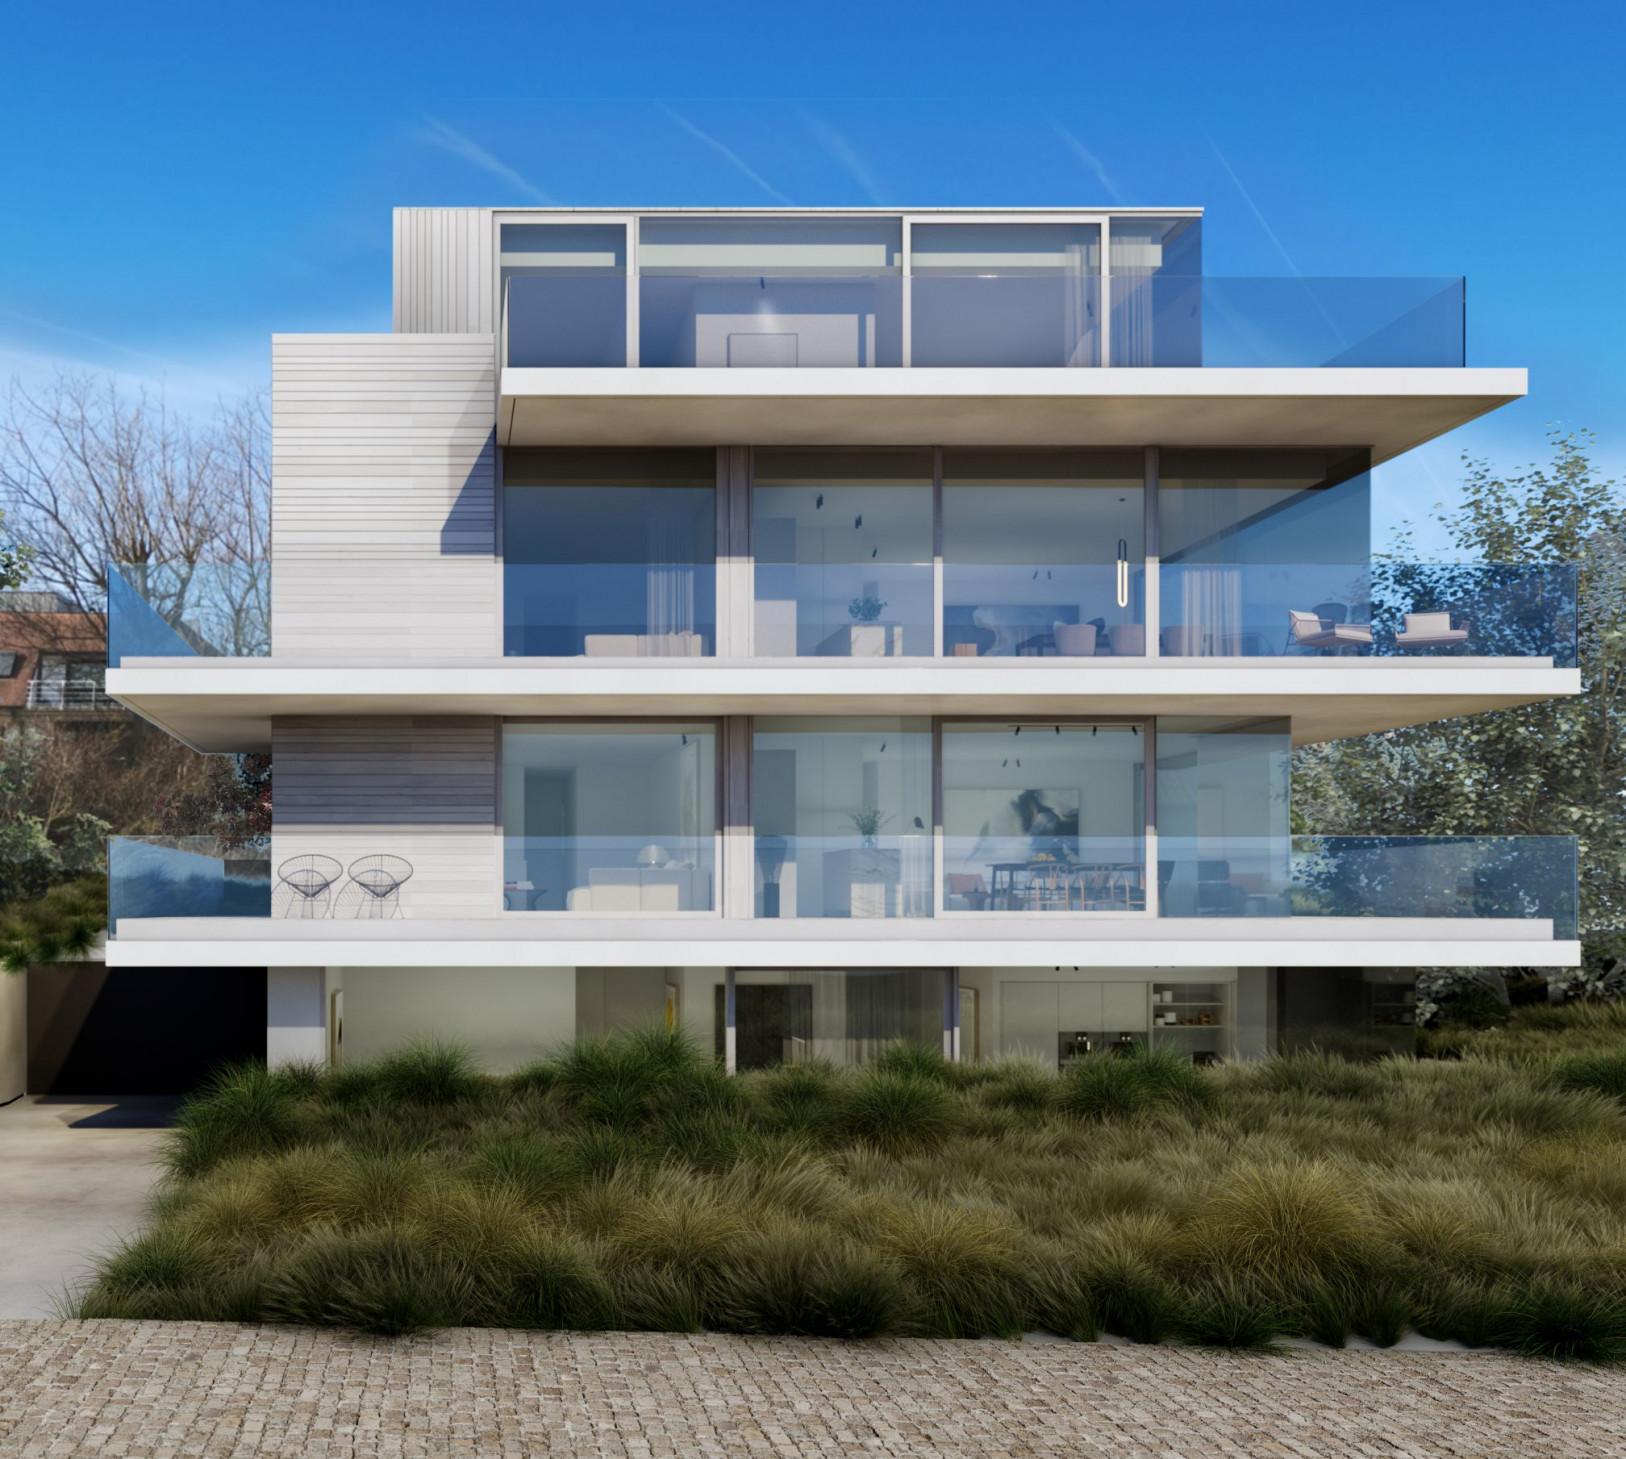 Rietveldprojects - Hannes Meyer - Oostduinkerke 11